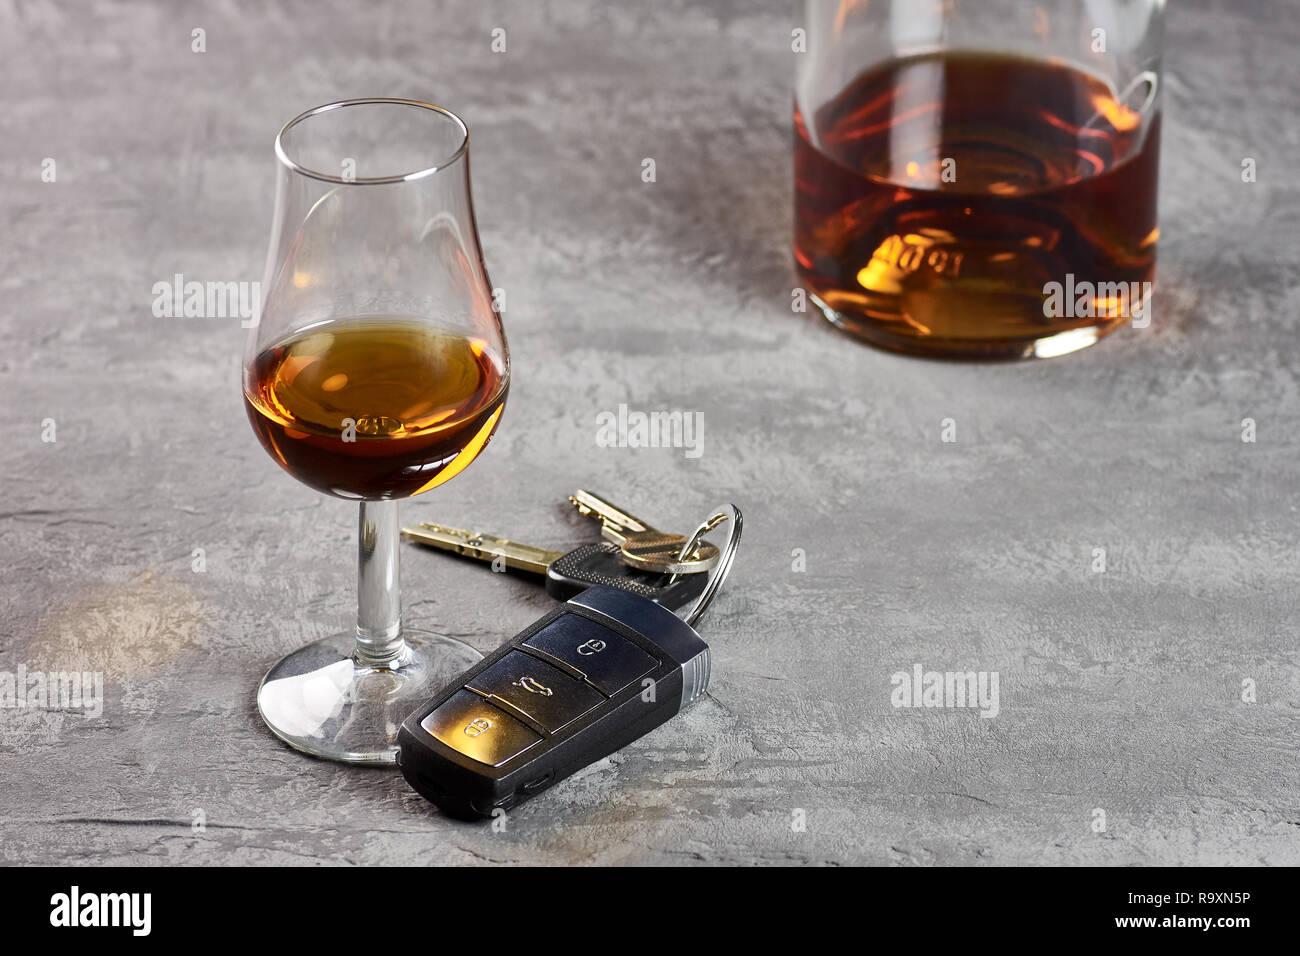 Glas und Flasche Whiskey auf einem steinernen Tisch und Autoschlüssel. Fahren in der Betrunkenheit Stockfoto